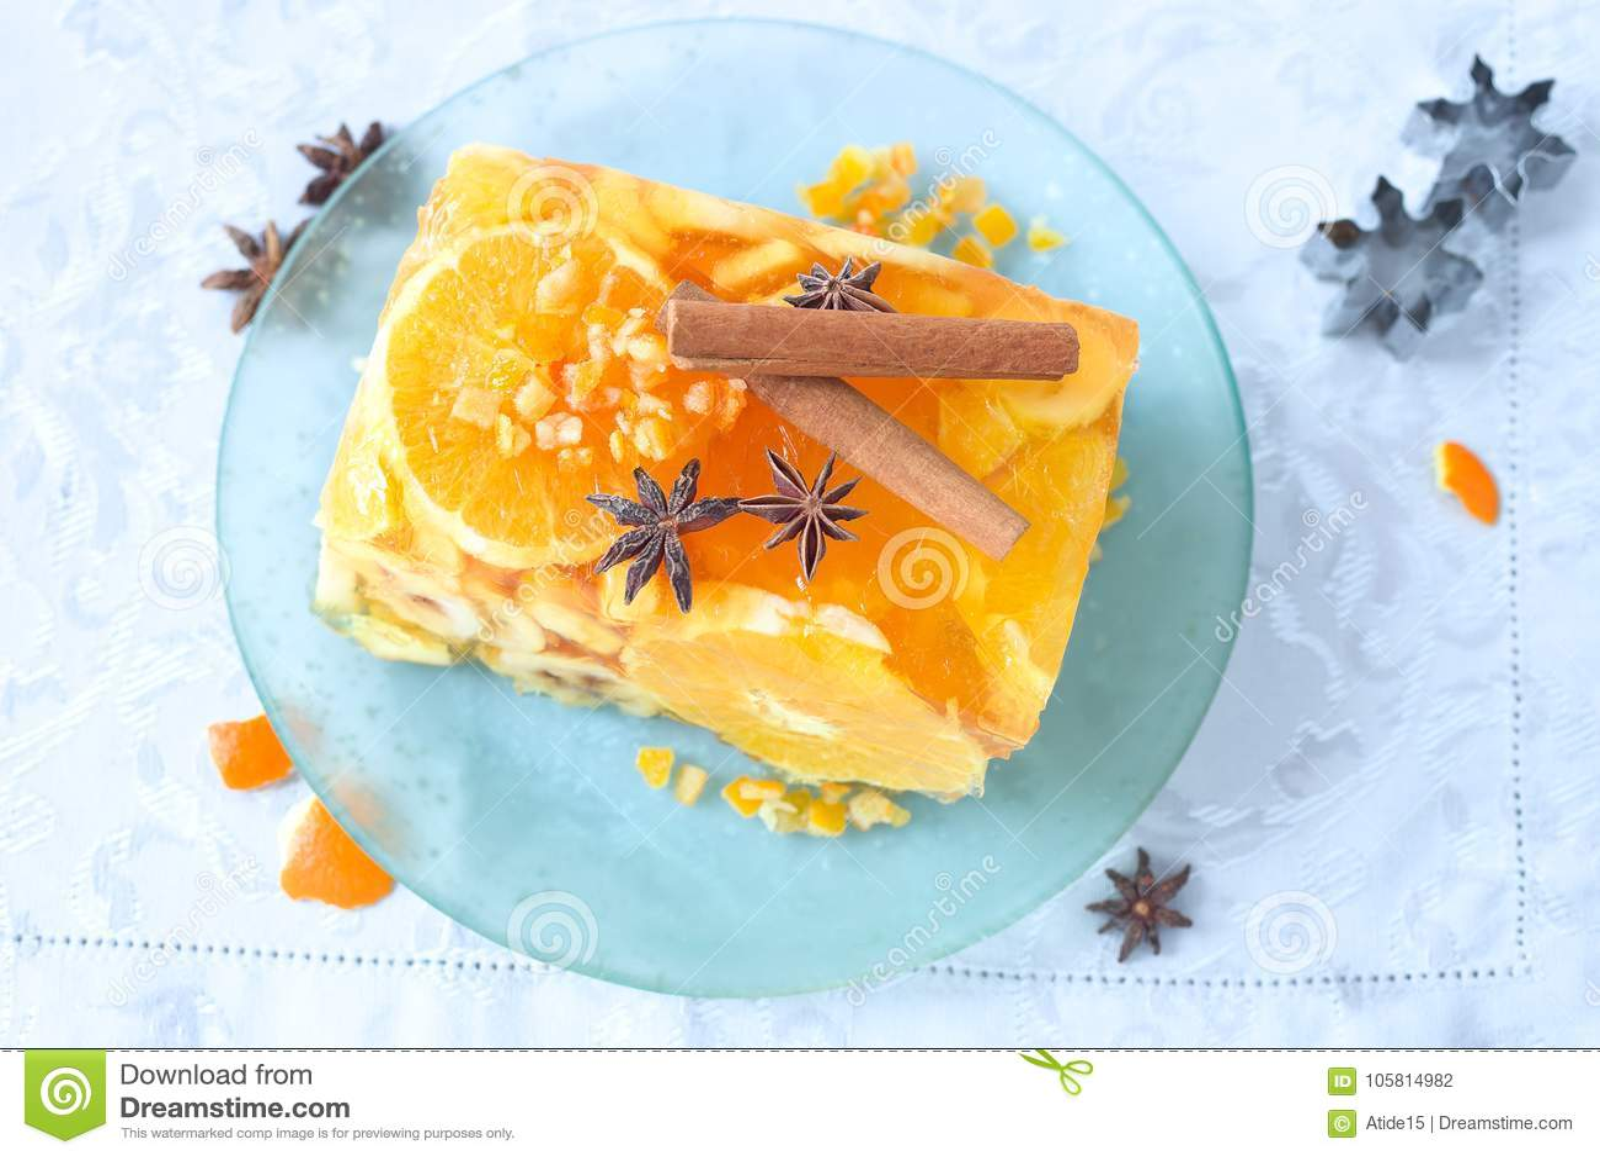 Jello Fruit Cake Stock Photo Image Of Food Orange 105814982